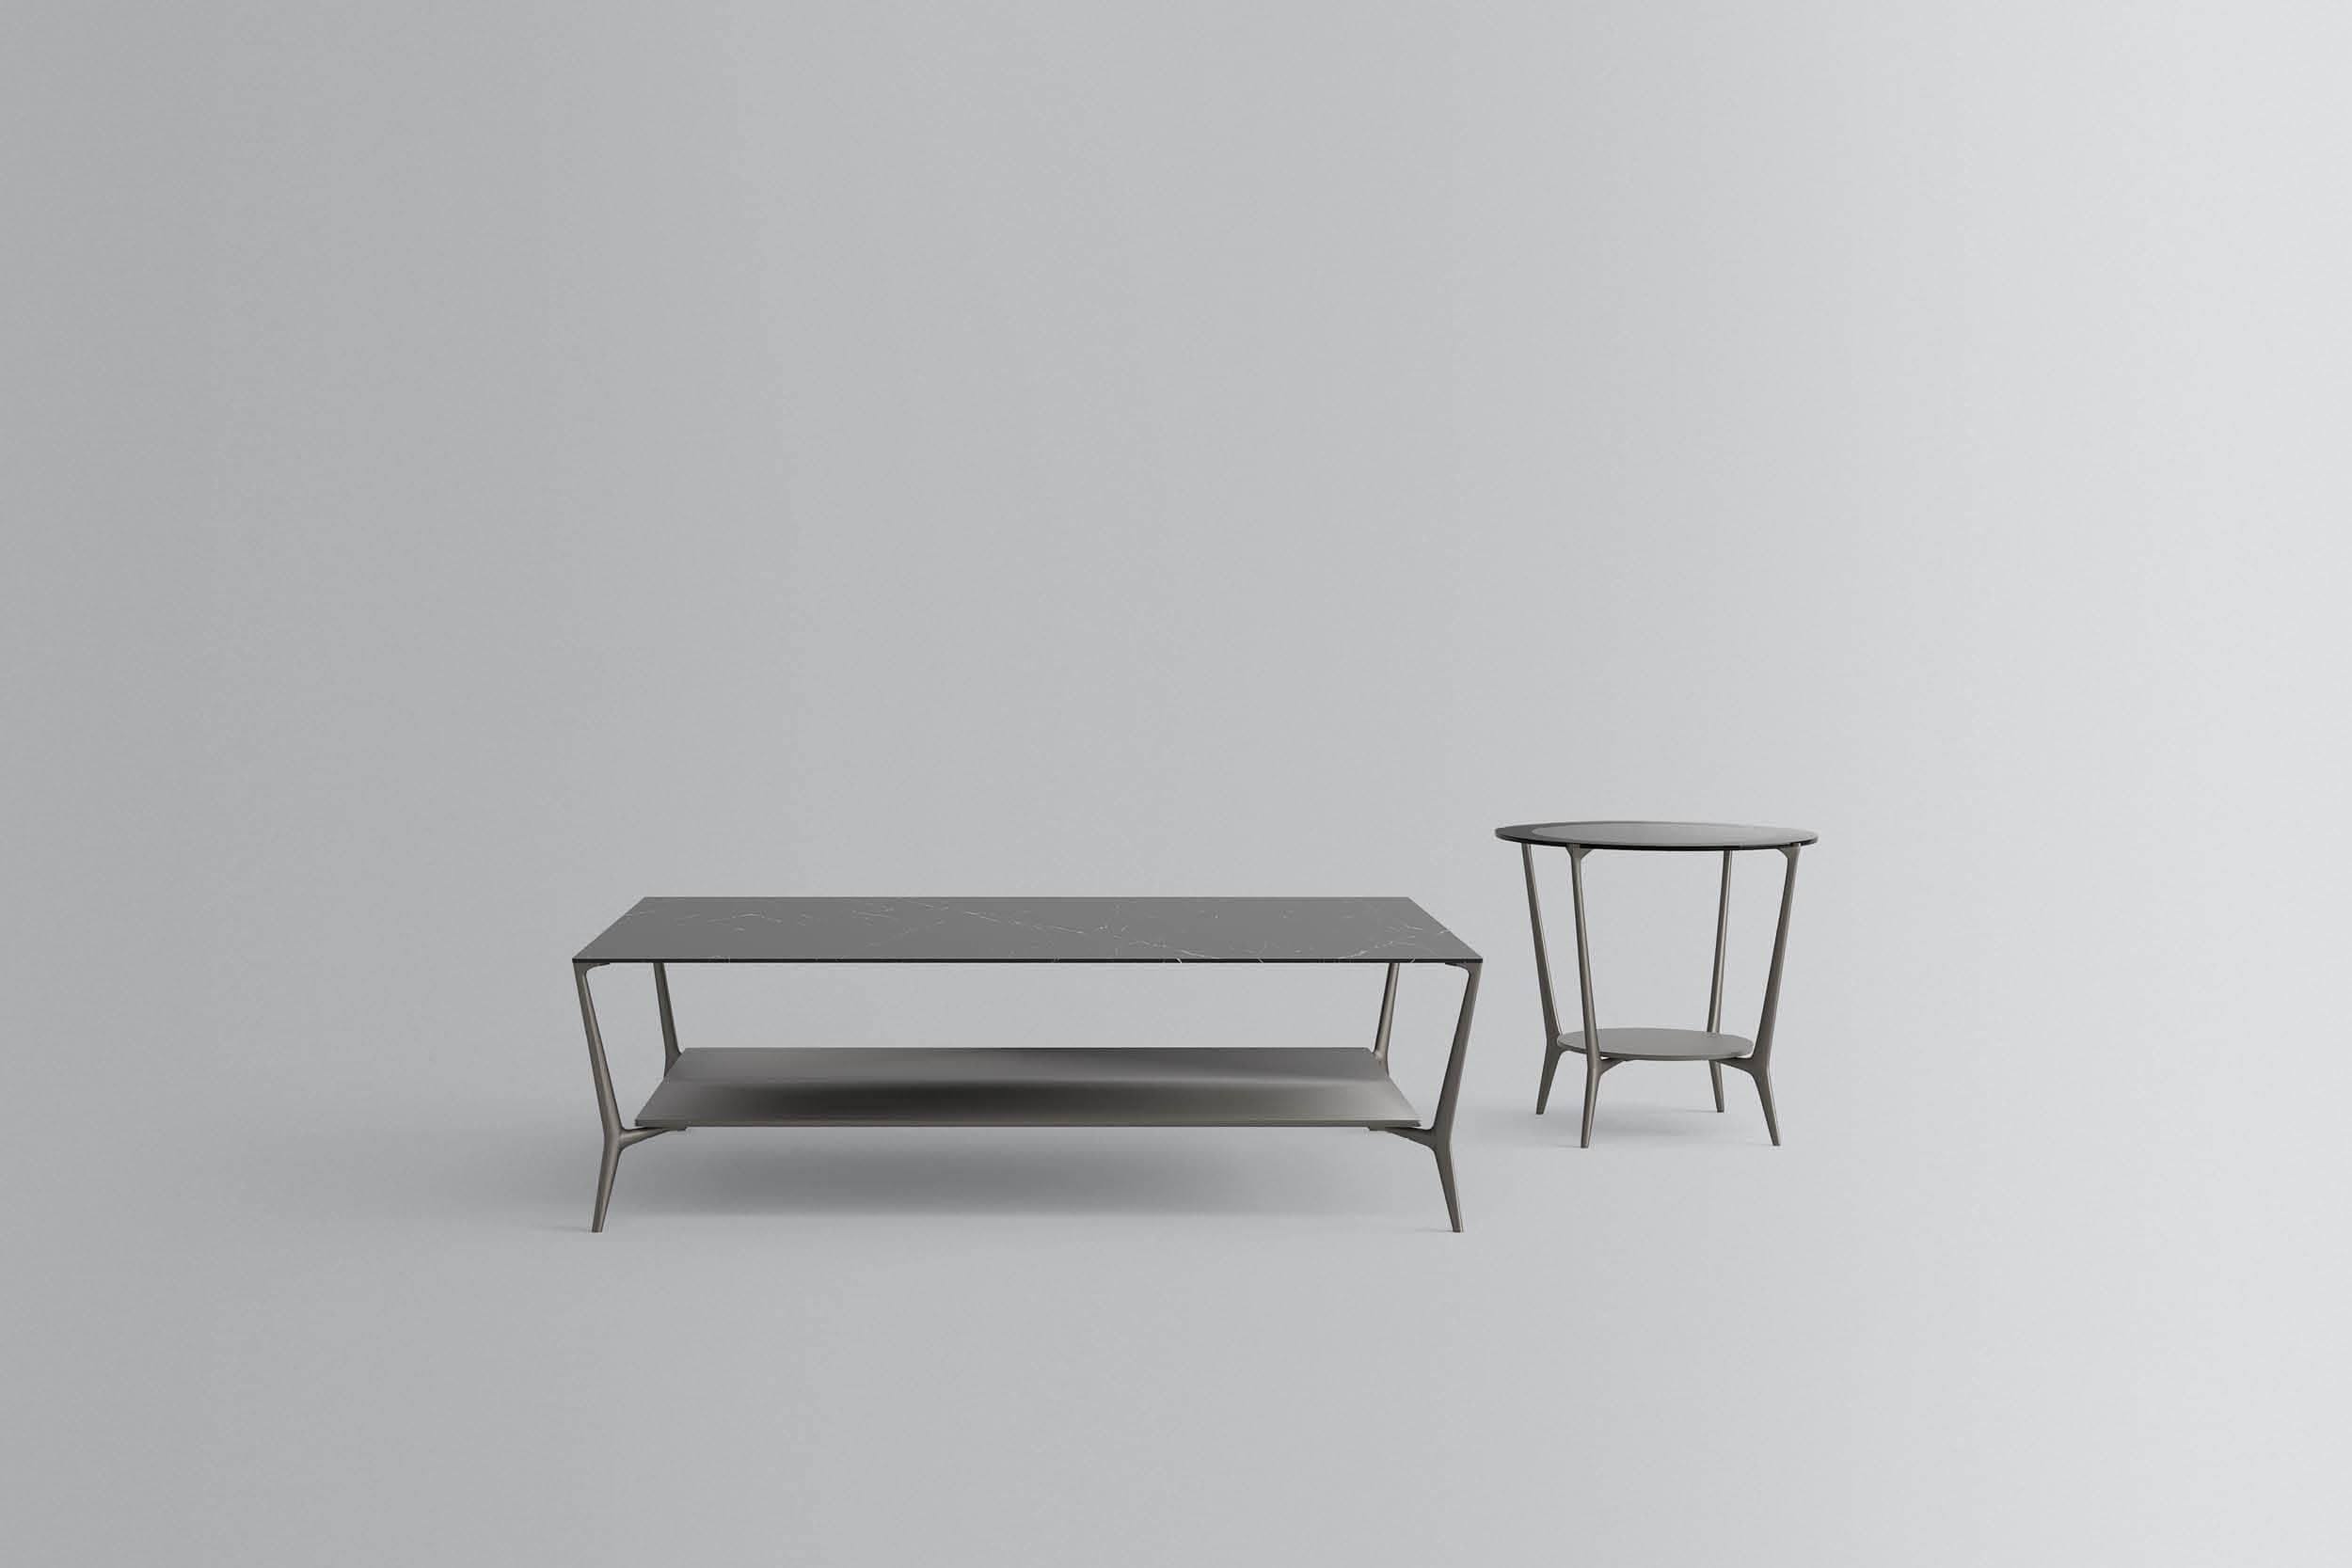 rimadesio planet salontafel rechthoekige en rond italiaans design